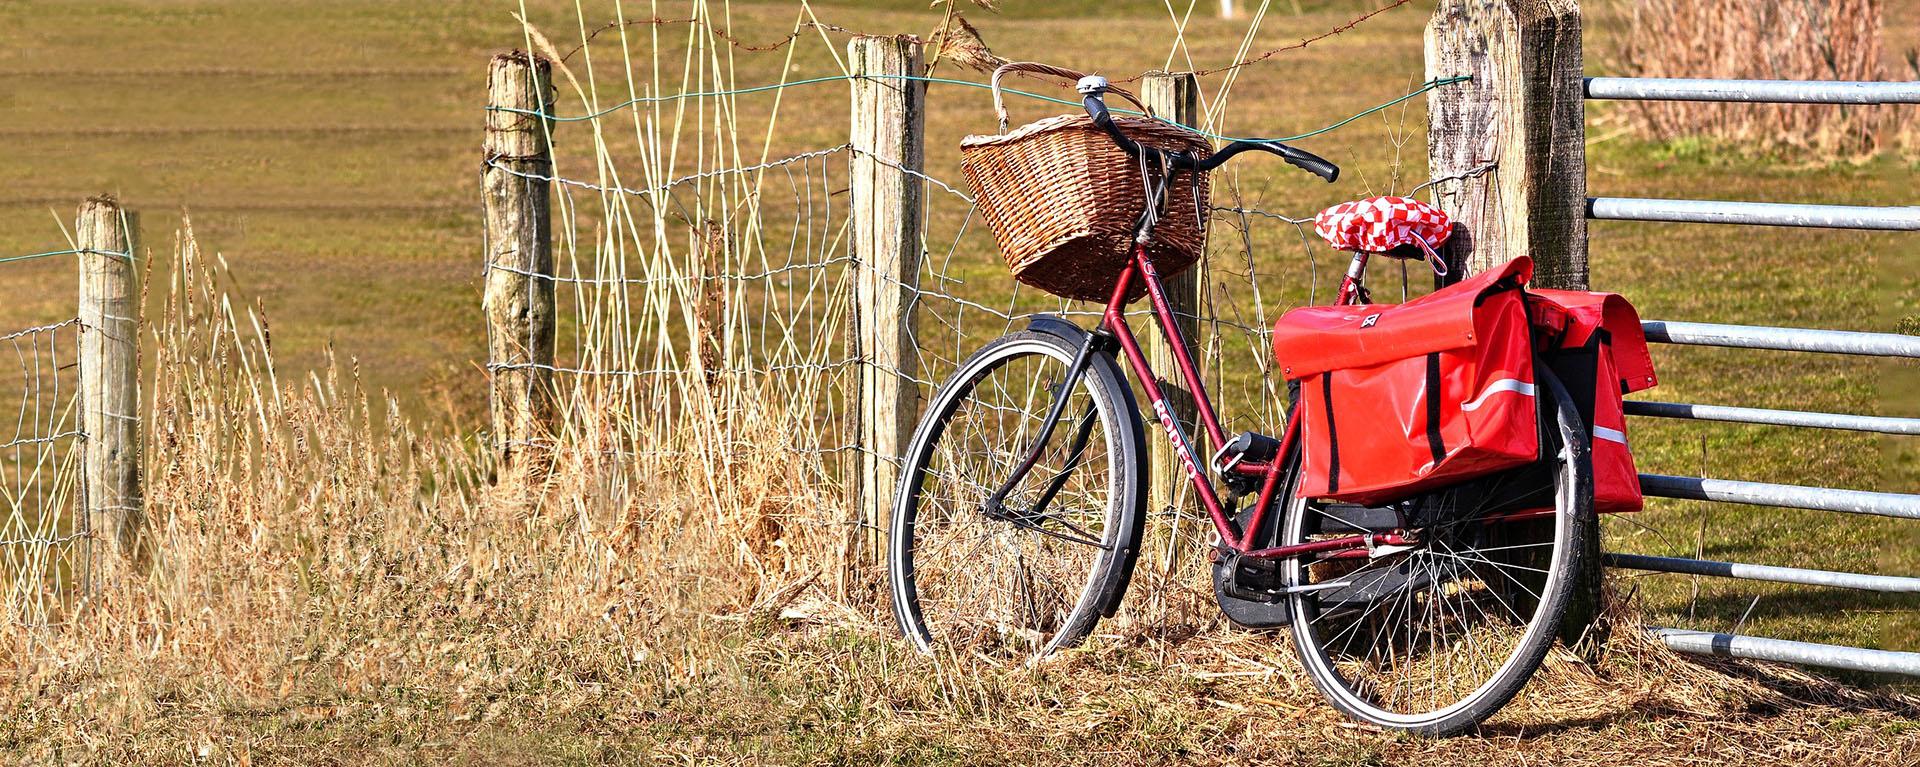 Wyprawy rowerowe jak się zapakować w sakwy